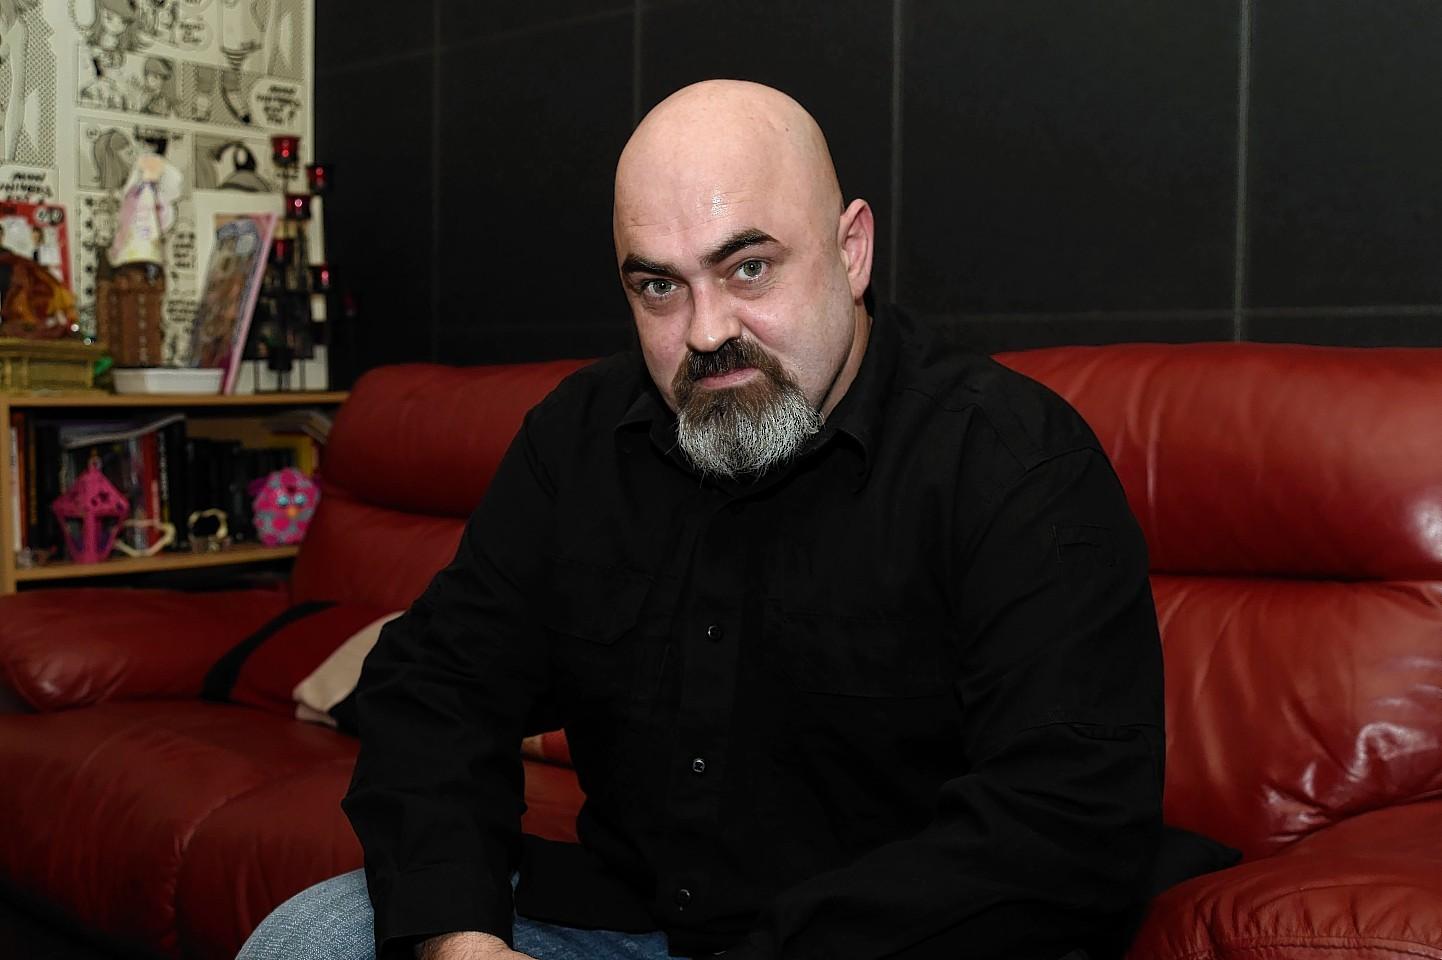 Charlie Reid, Shaun Ritchie's dad